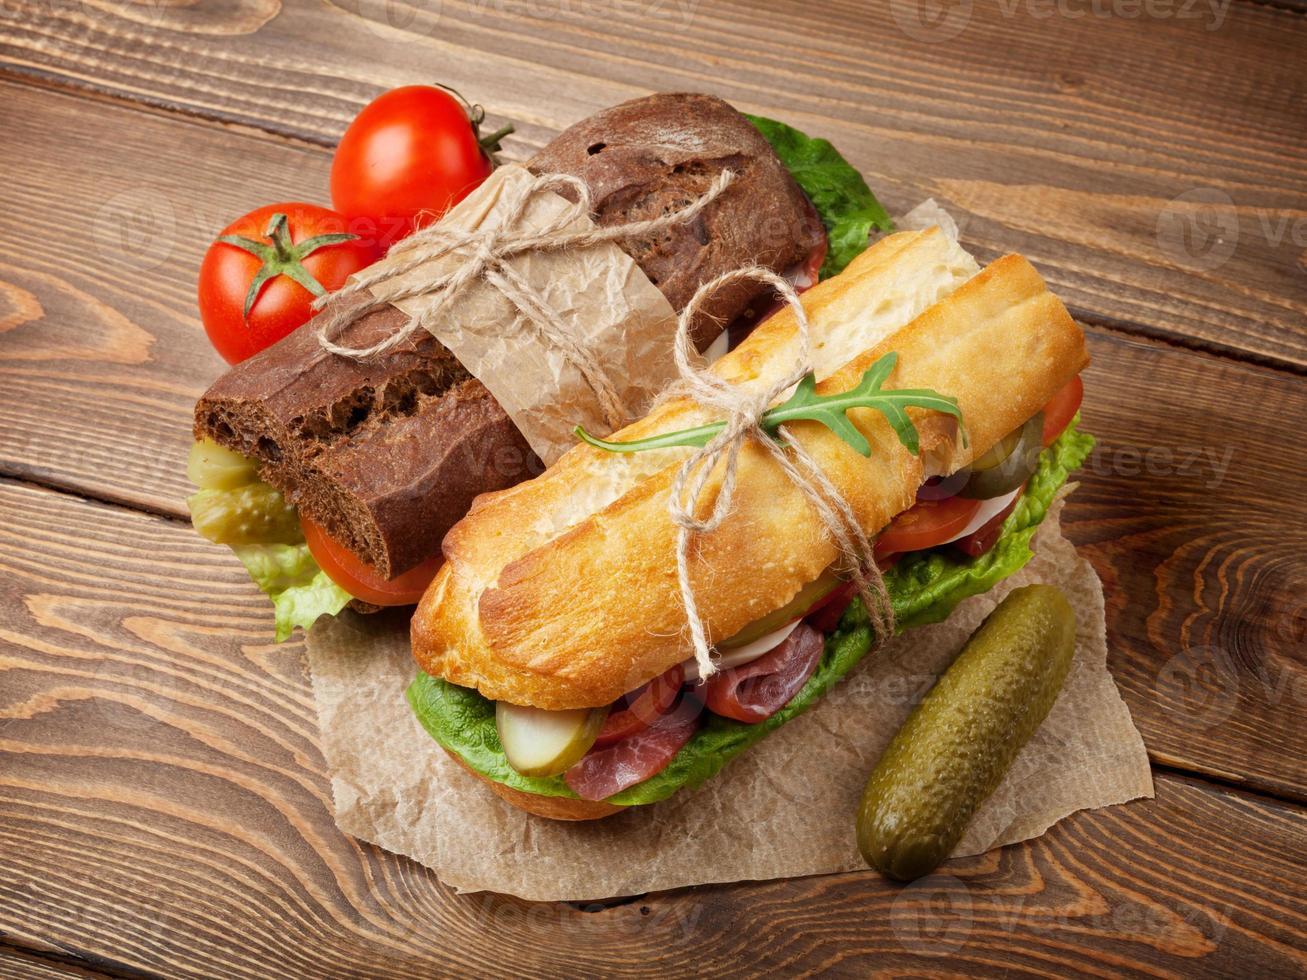 due panini con insalata, prosciutto, formaggio e pomodori foto